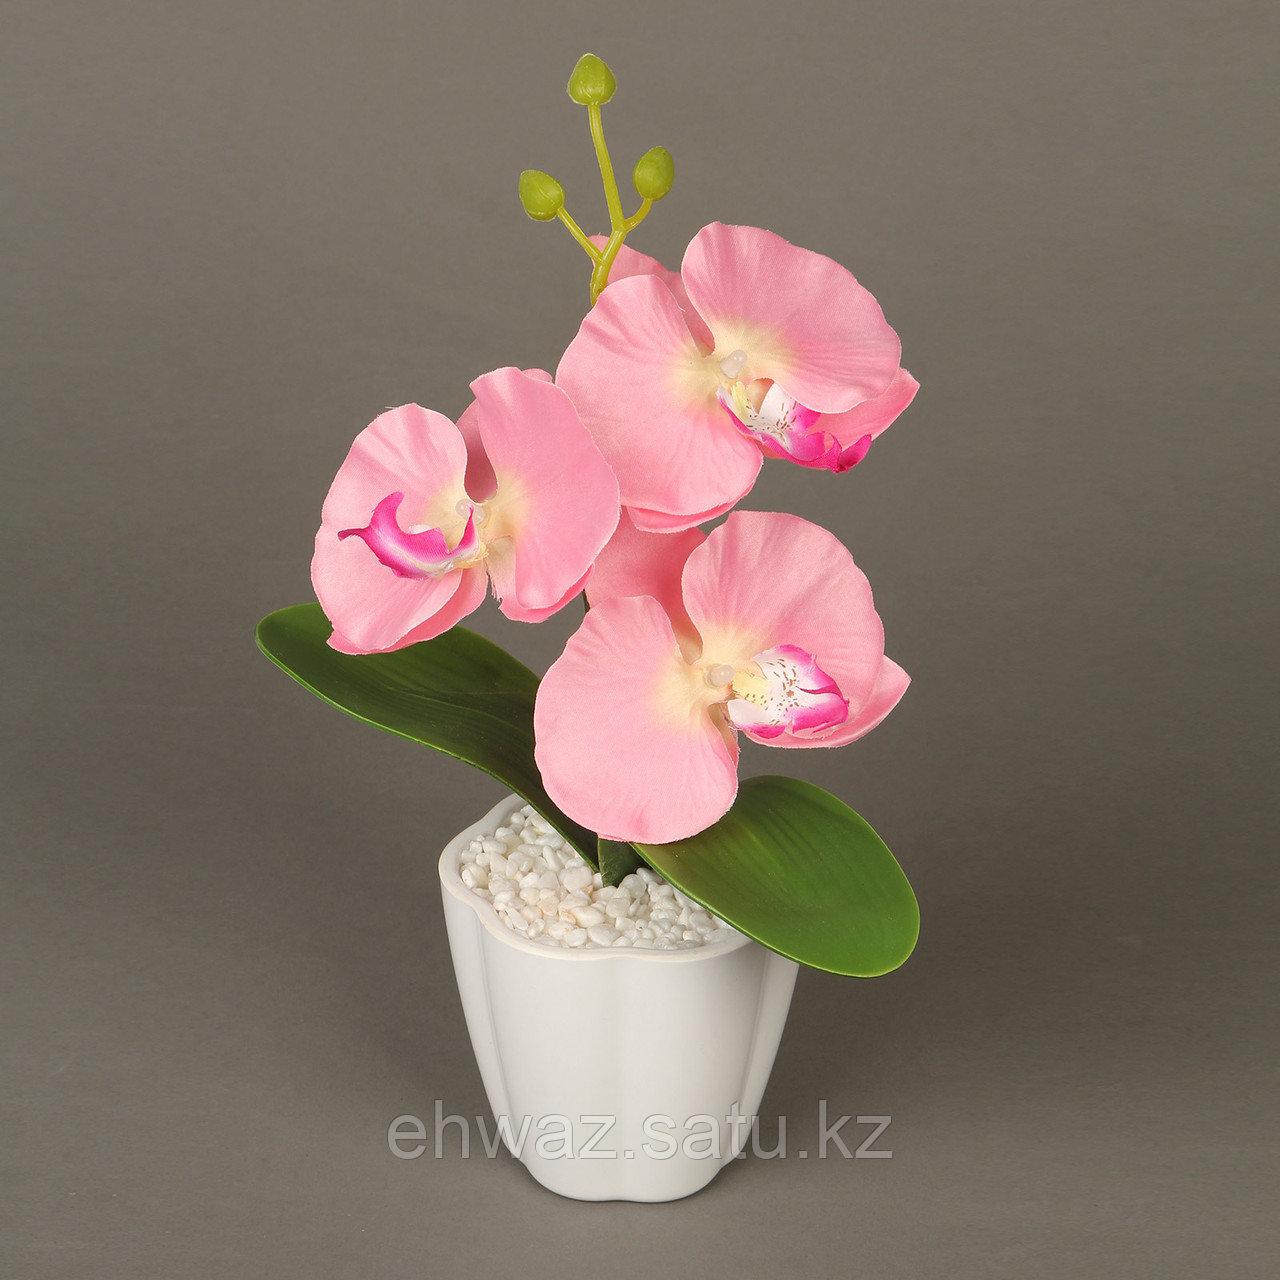 Декоративная композиция-вазон Орхидеи